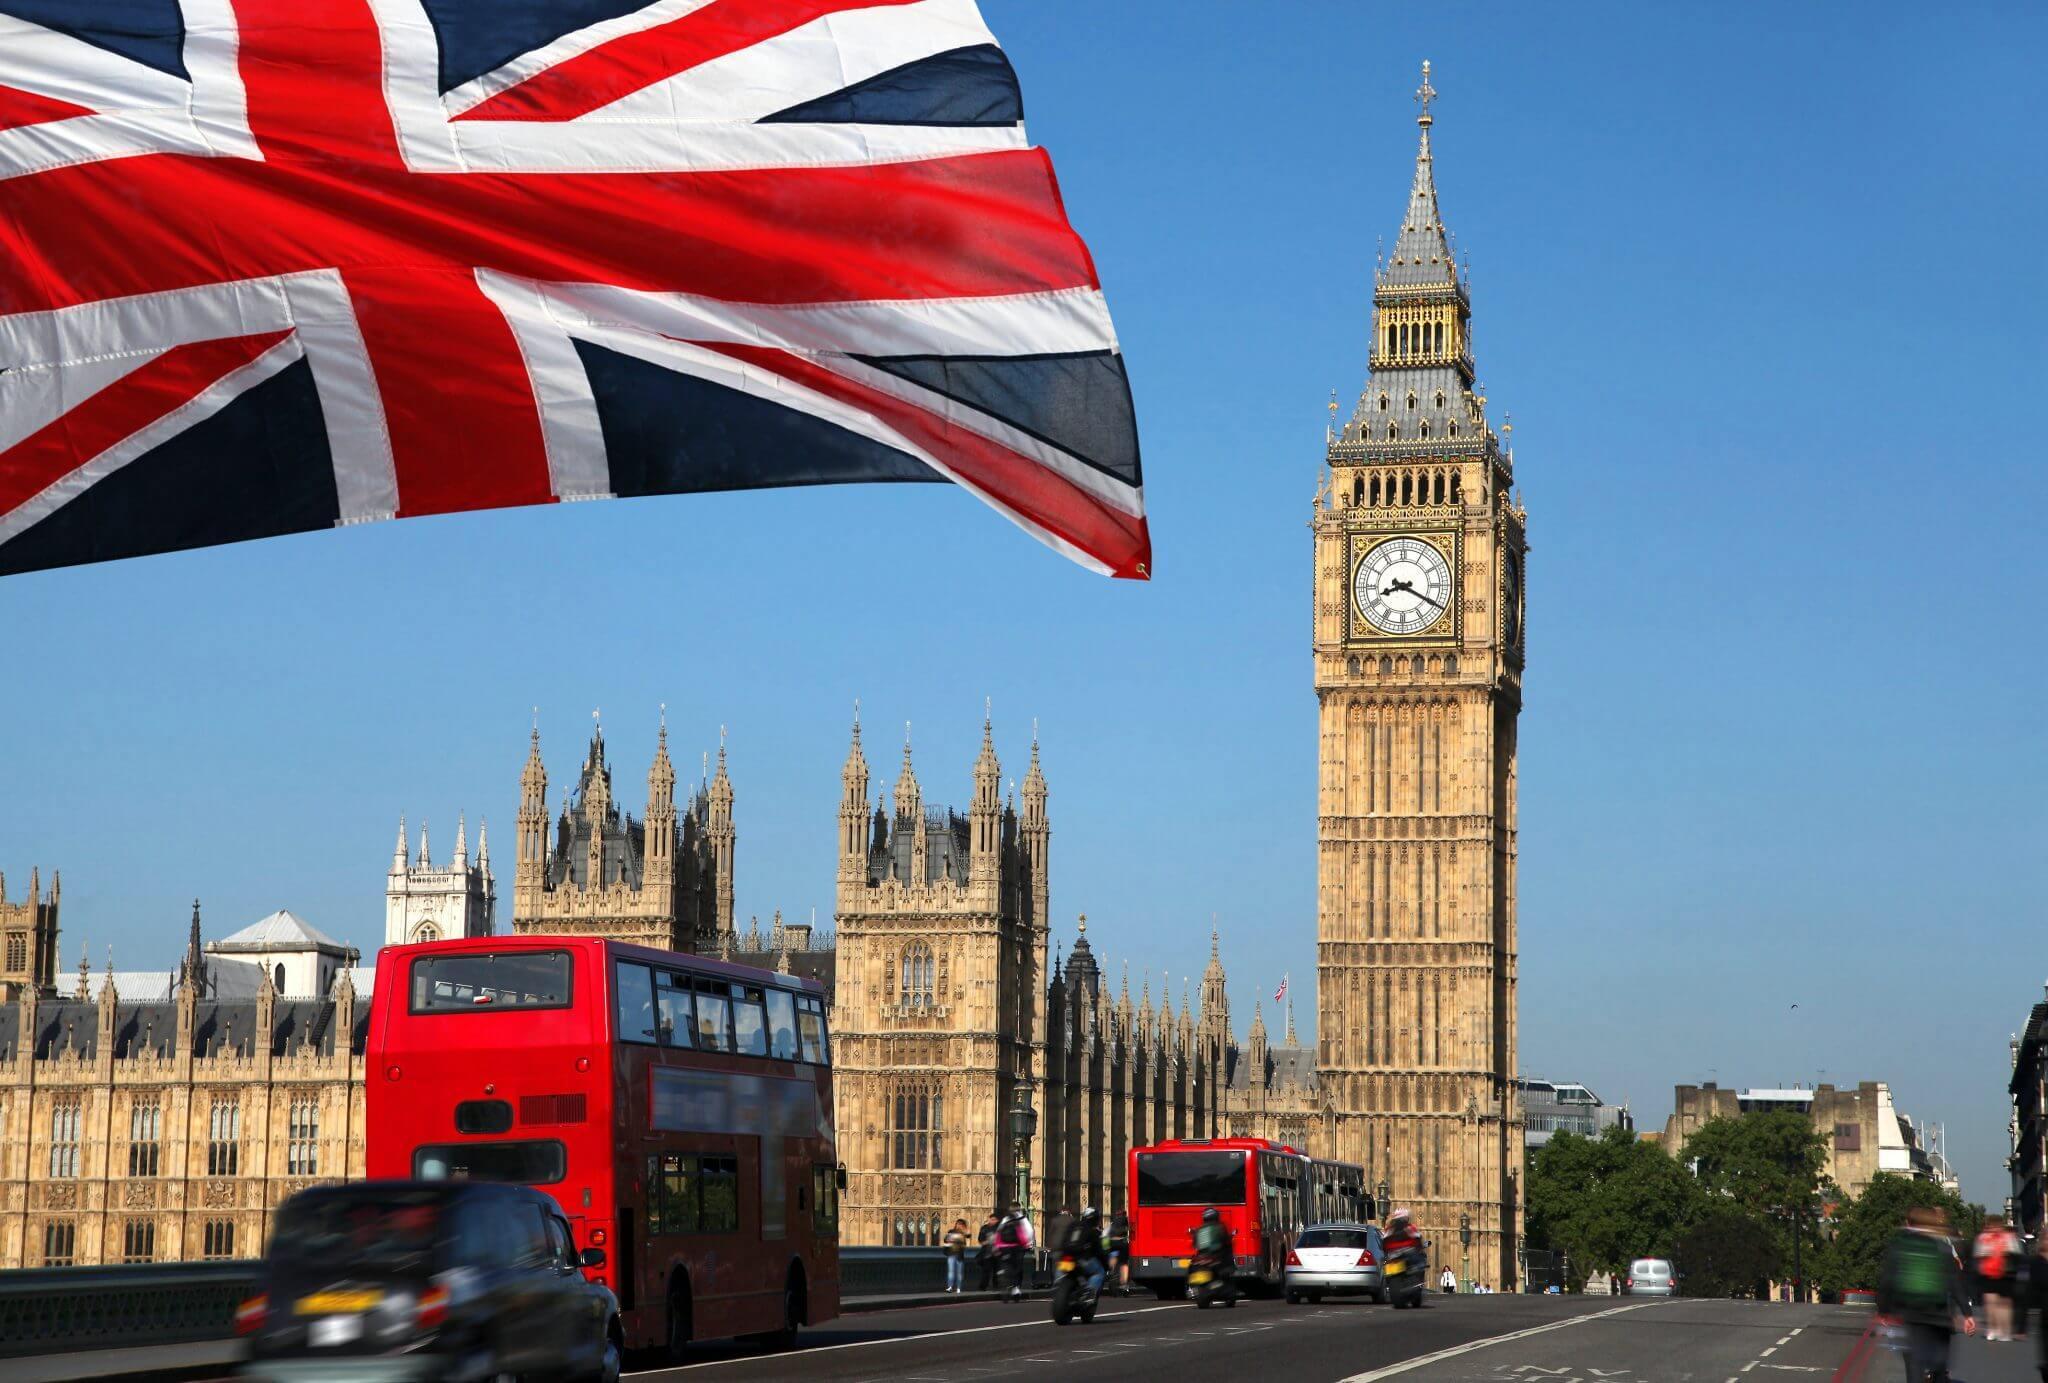 Անգլիա կը մեղմացնէ մուտքի սահմանափակումները